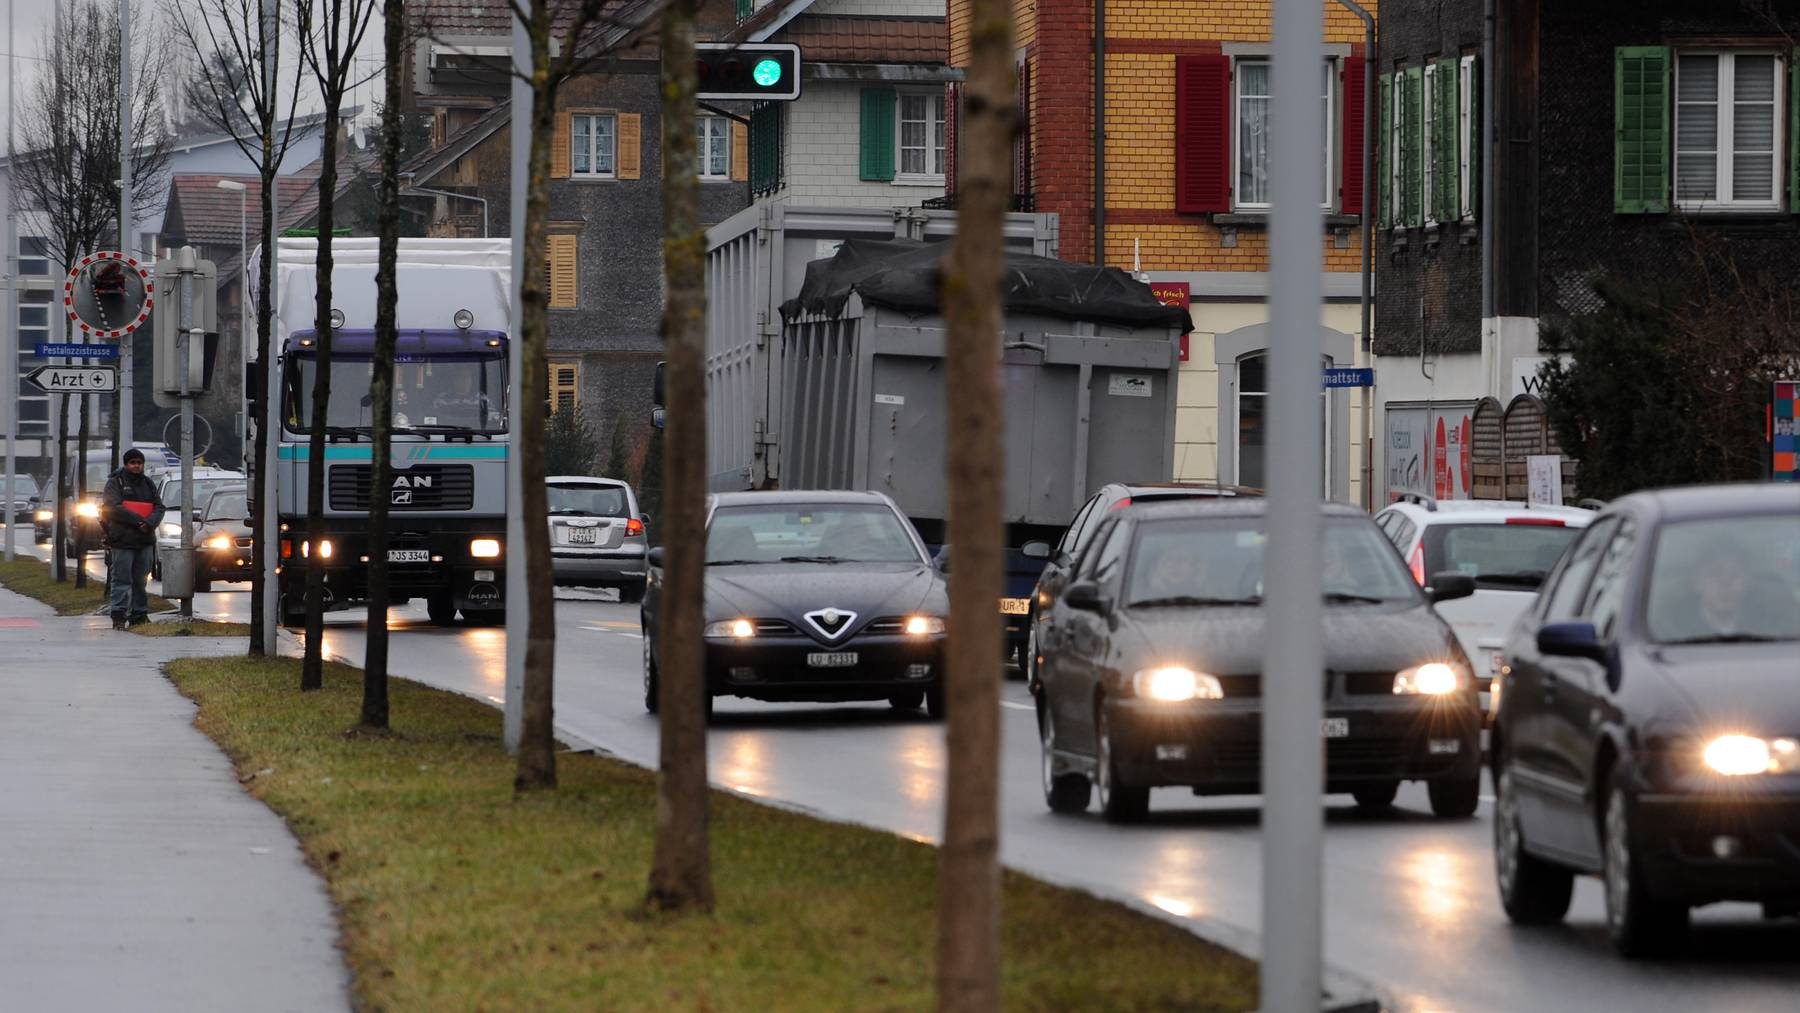 Der Gemeinderat Emmen will sich für eine Umfahrung Emmen-Dorf einsetzen, und den Lastwagenverkehr beschränken. Verkehrsimpressionen von der Seetalstrasse, Emmen Dorf, am 23. Januar 2009.